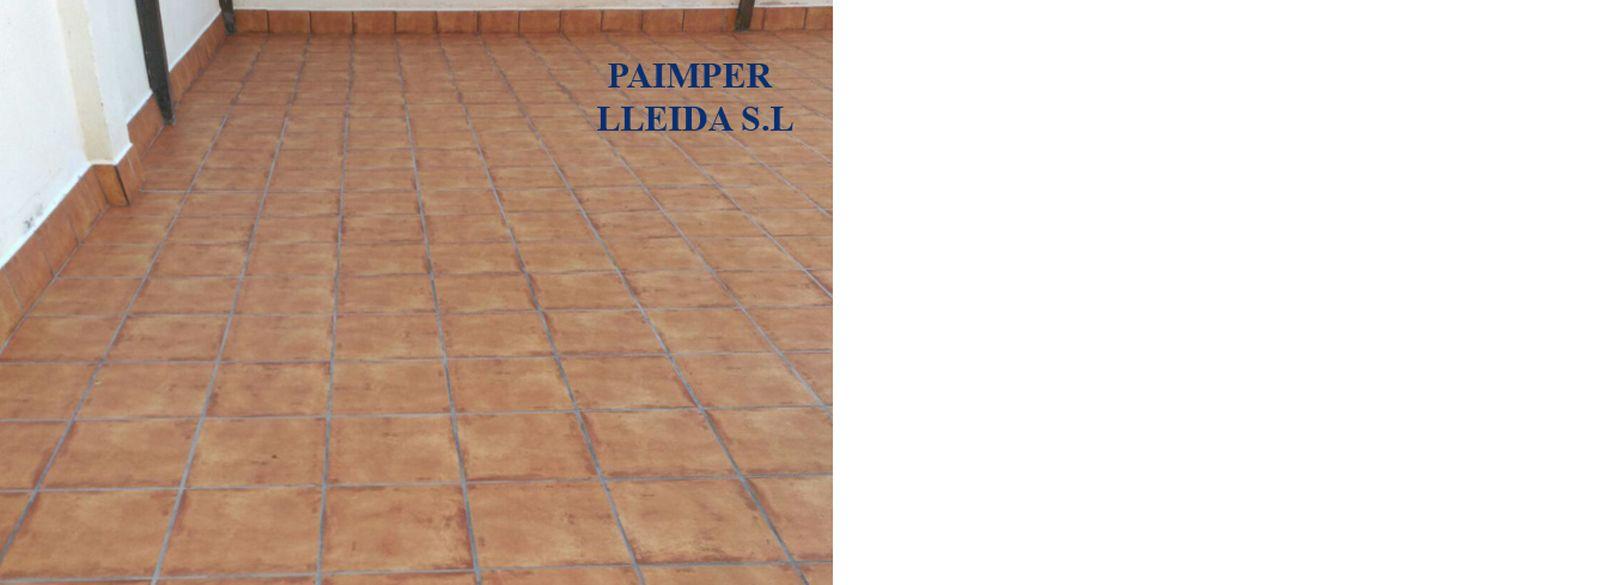 Terrazas - Impermeabilización y embaldosado.: Catálogo de productos de Paimper Lleida, S.L.